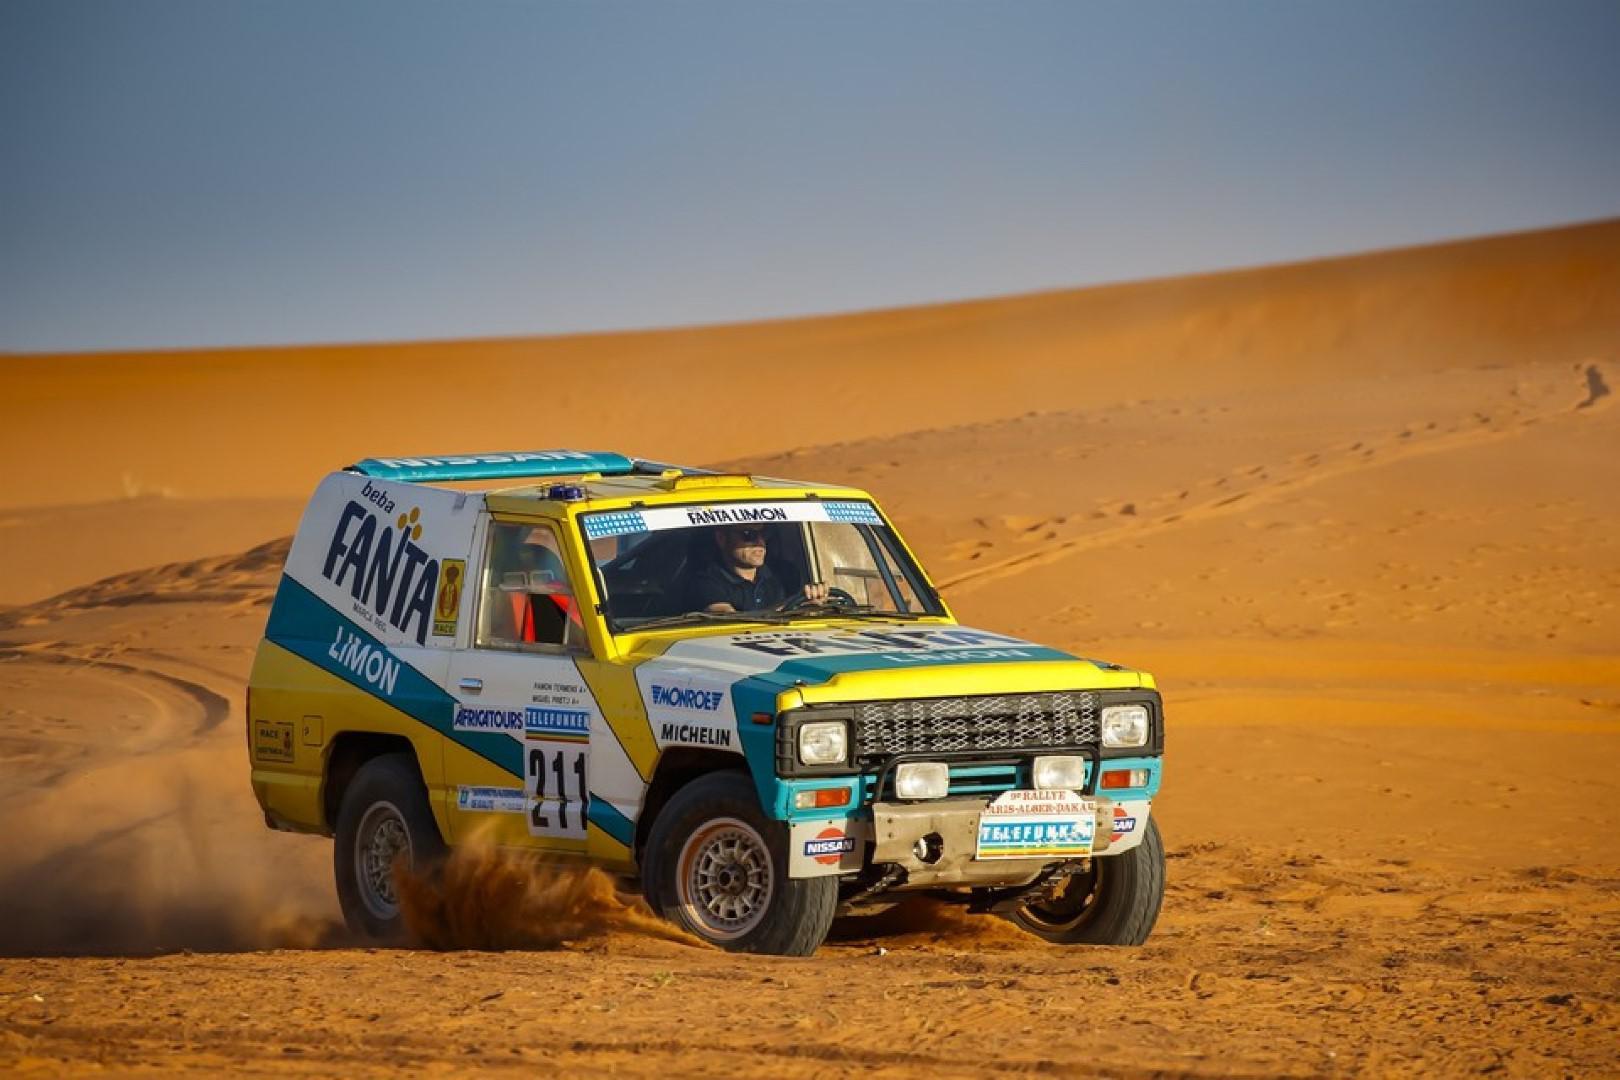 30 ans après, un Nissan Patrol ex-Dakar retrouve les dunes